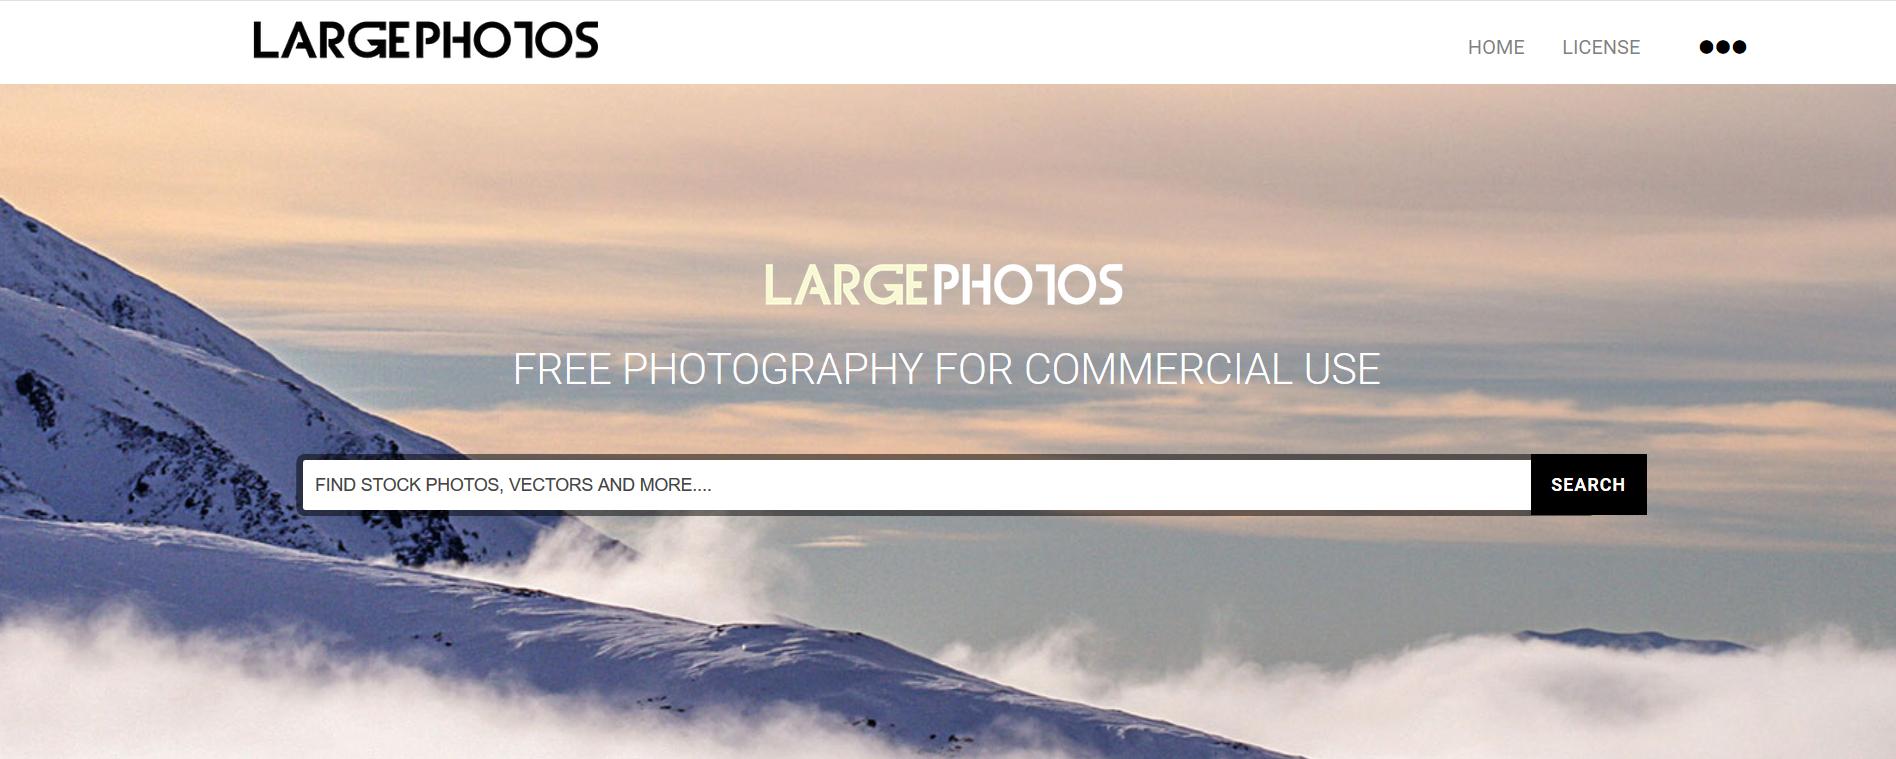 70 Bancos de Imagens Grátis Sites de Fotos Gratuitas 26